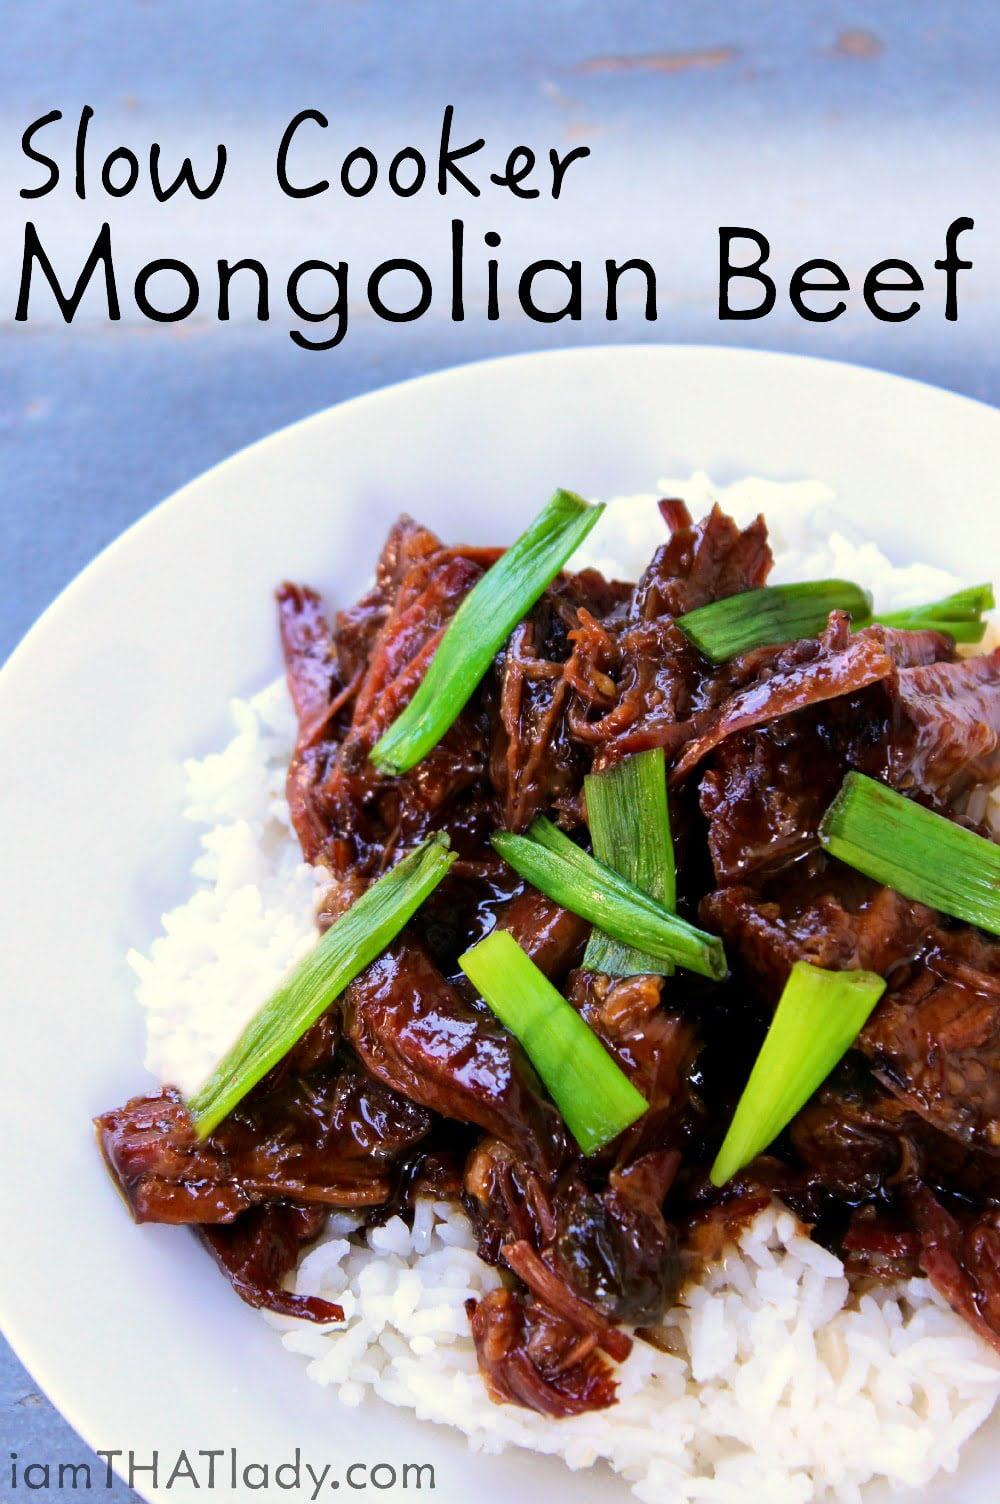 La carne mongol PF Changs es MUY buena. Hay muchas buenas recetas de imitación, ¡pero esta es una versión de cocción lenta! ¡Muy facil!